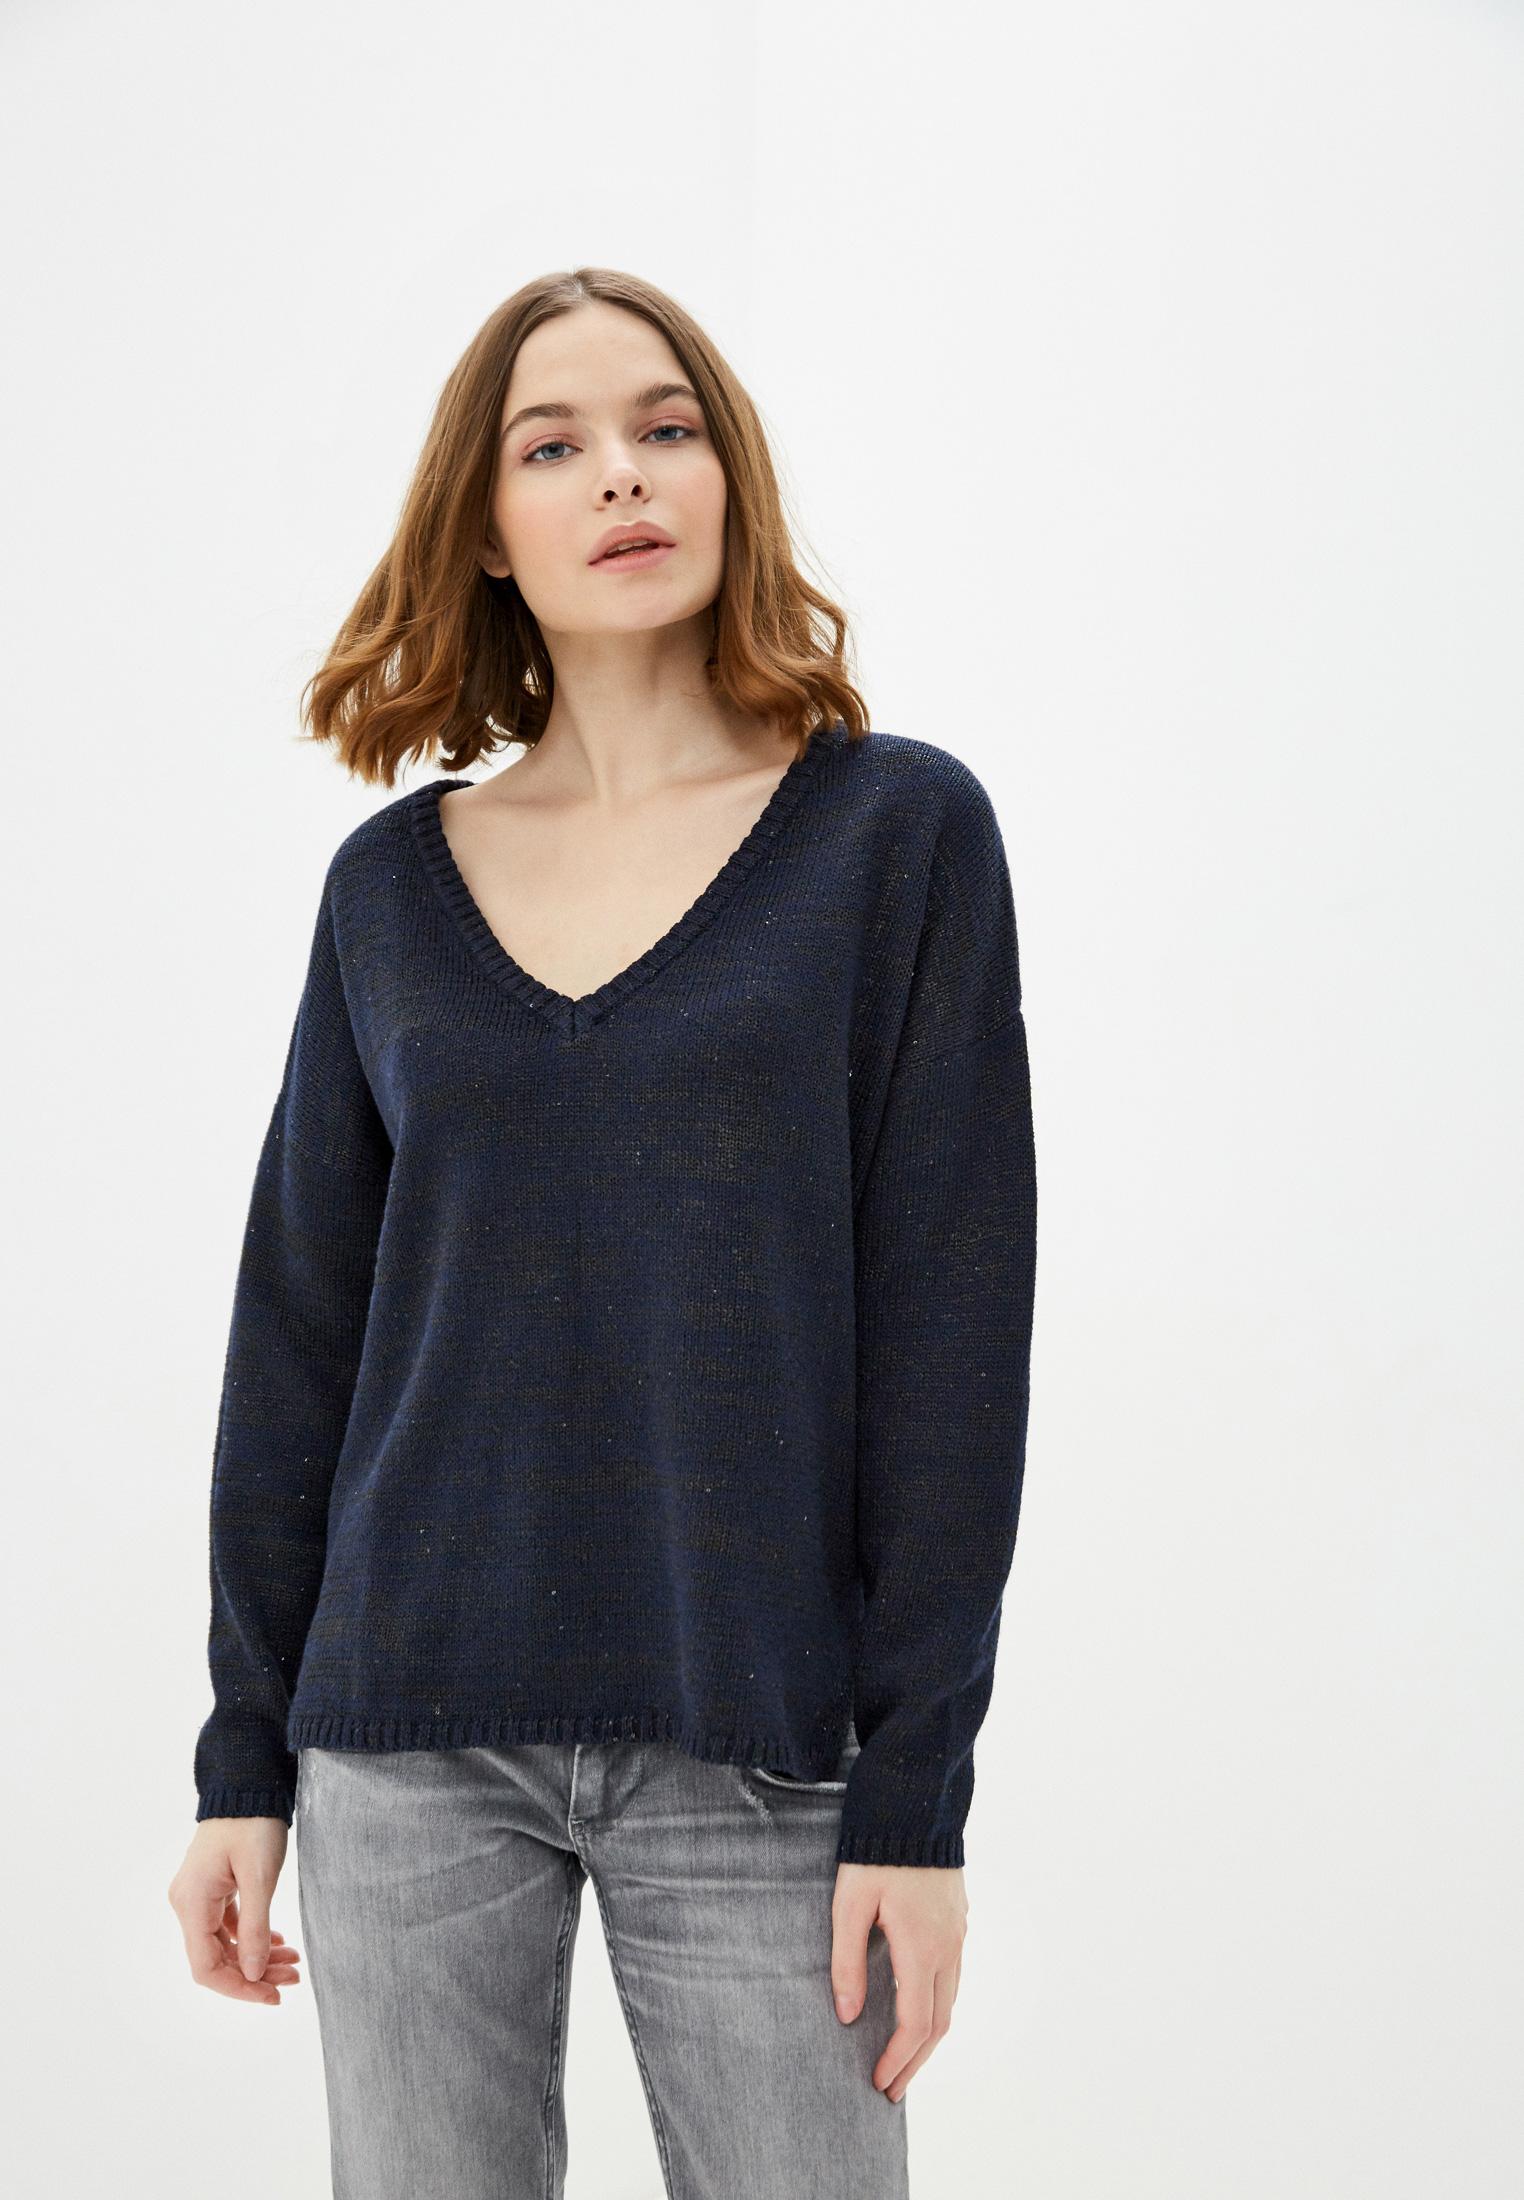 Пуловер Nice & Chic 5500116